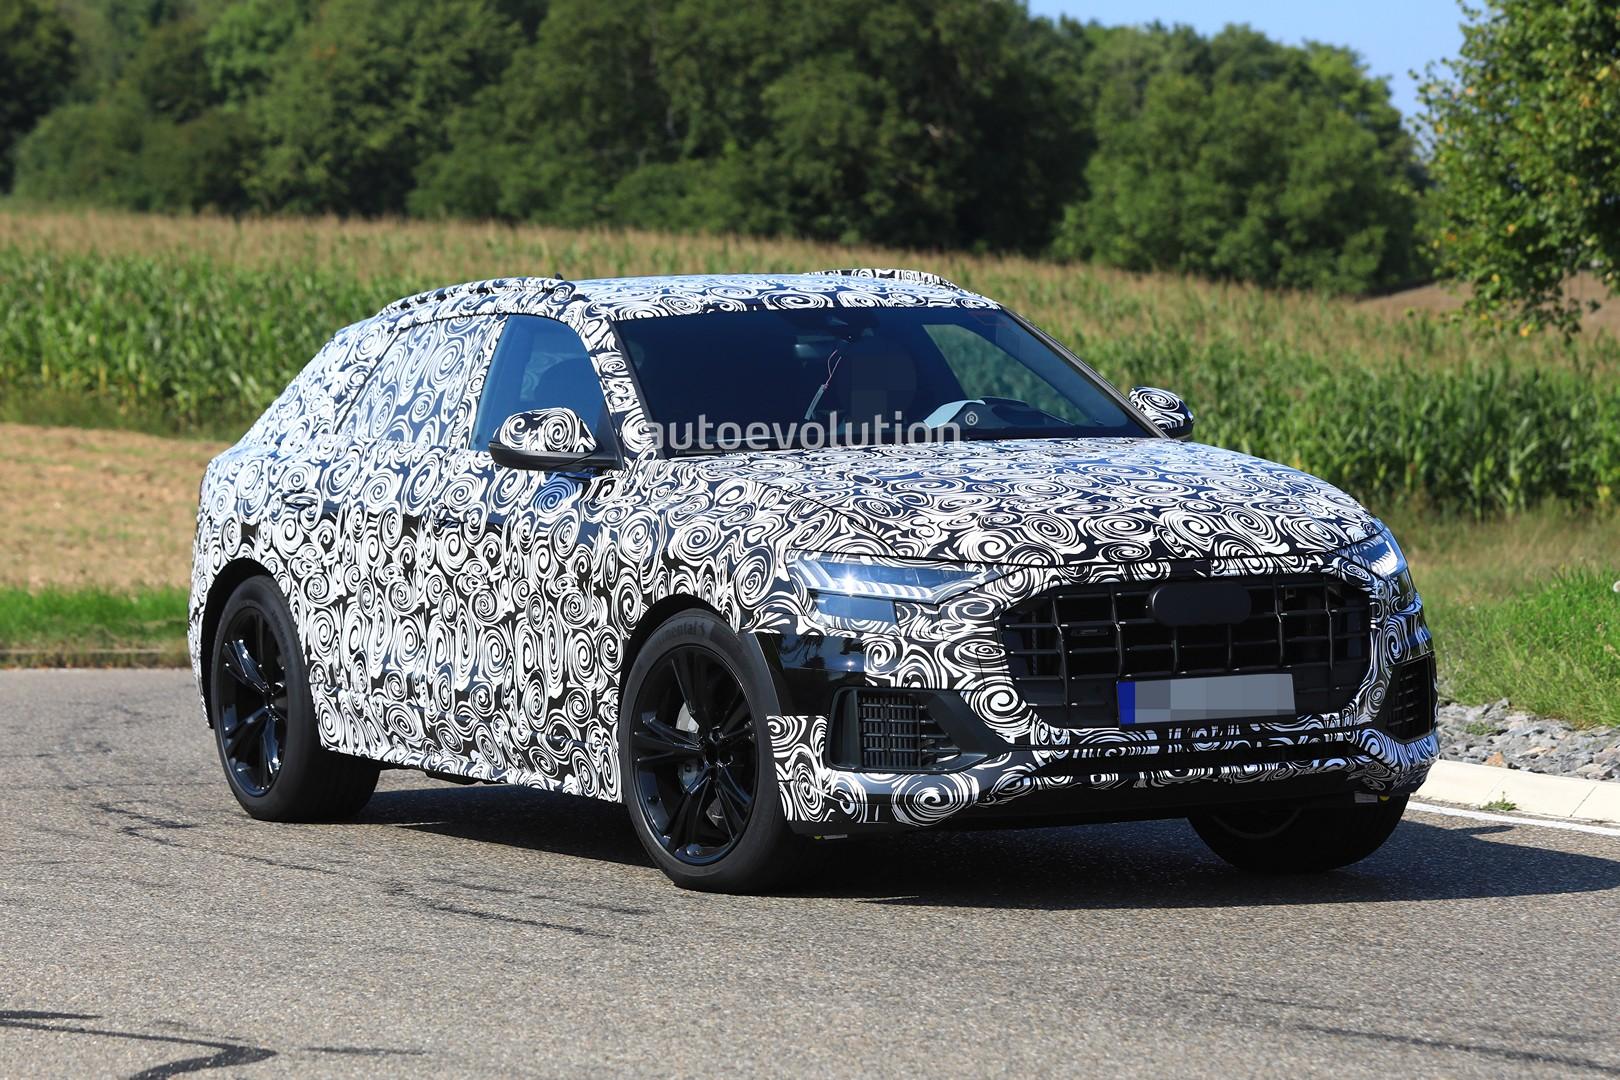 Kelebihan Kekurangan Audi Sq8 2019 Perbandingan Harga